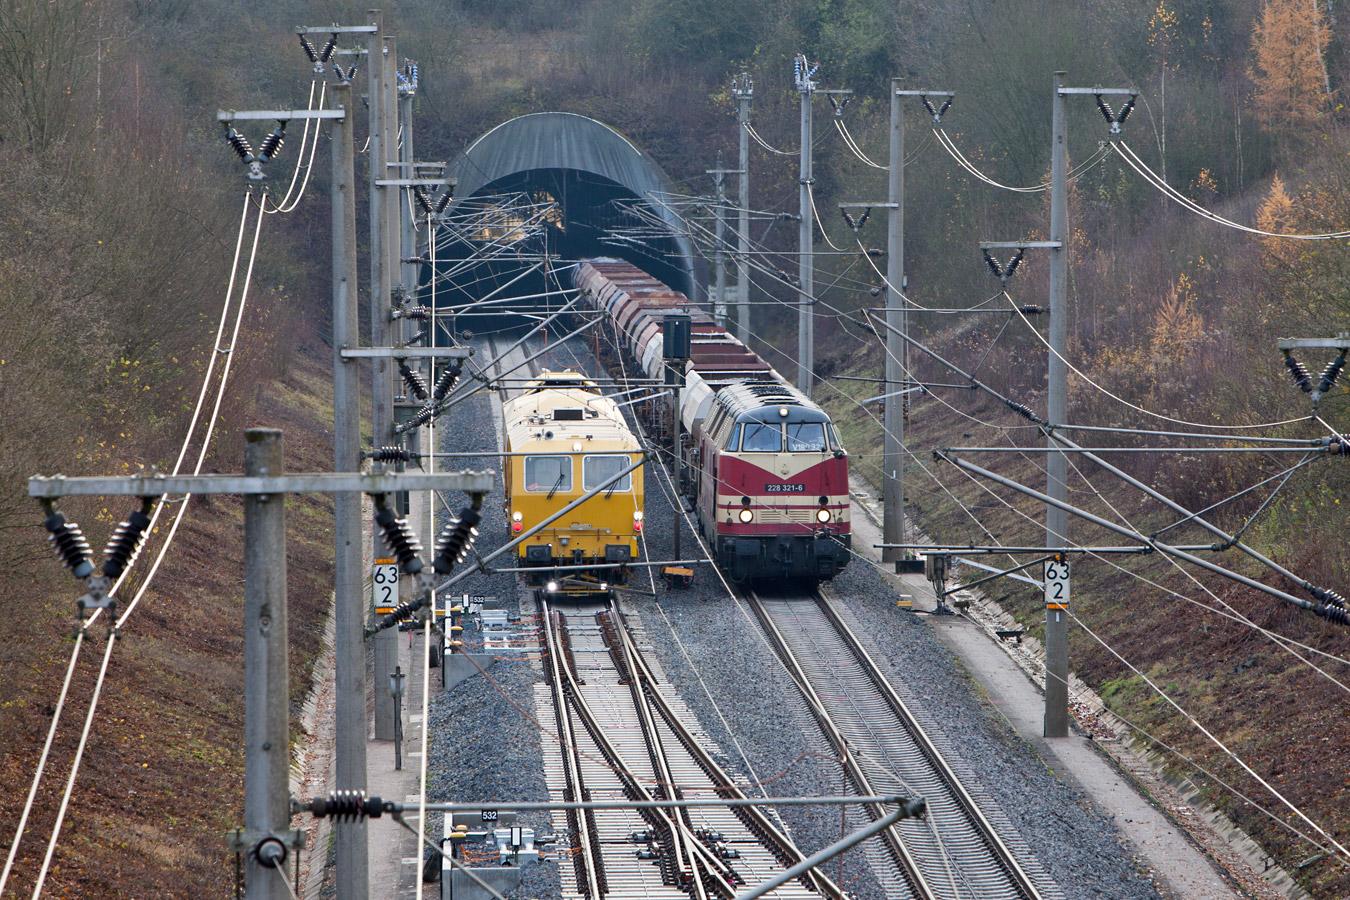 http://www.lammetalbahn.de/extra/dso/20191130-134317-IMG_2532-5D2.jpg